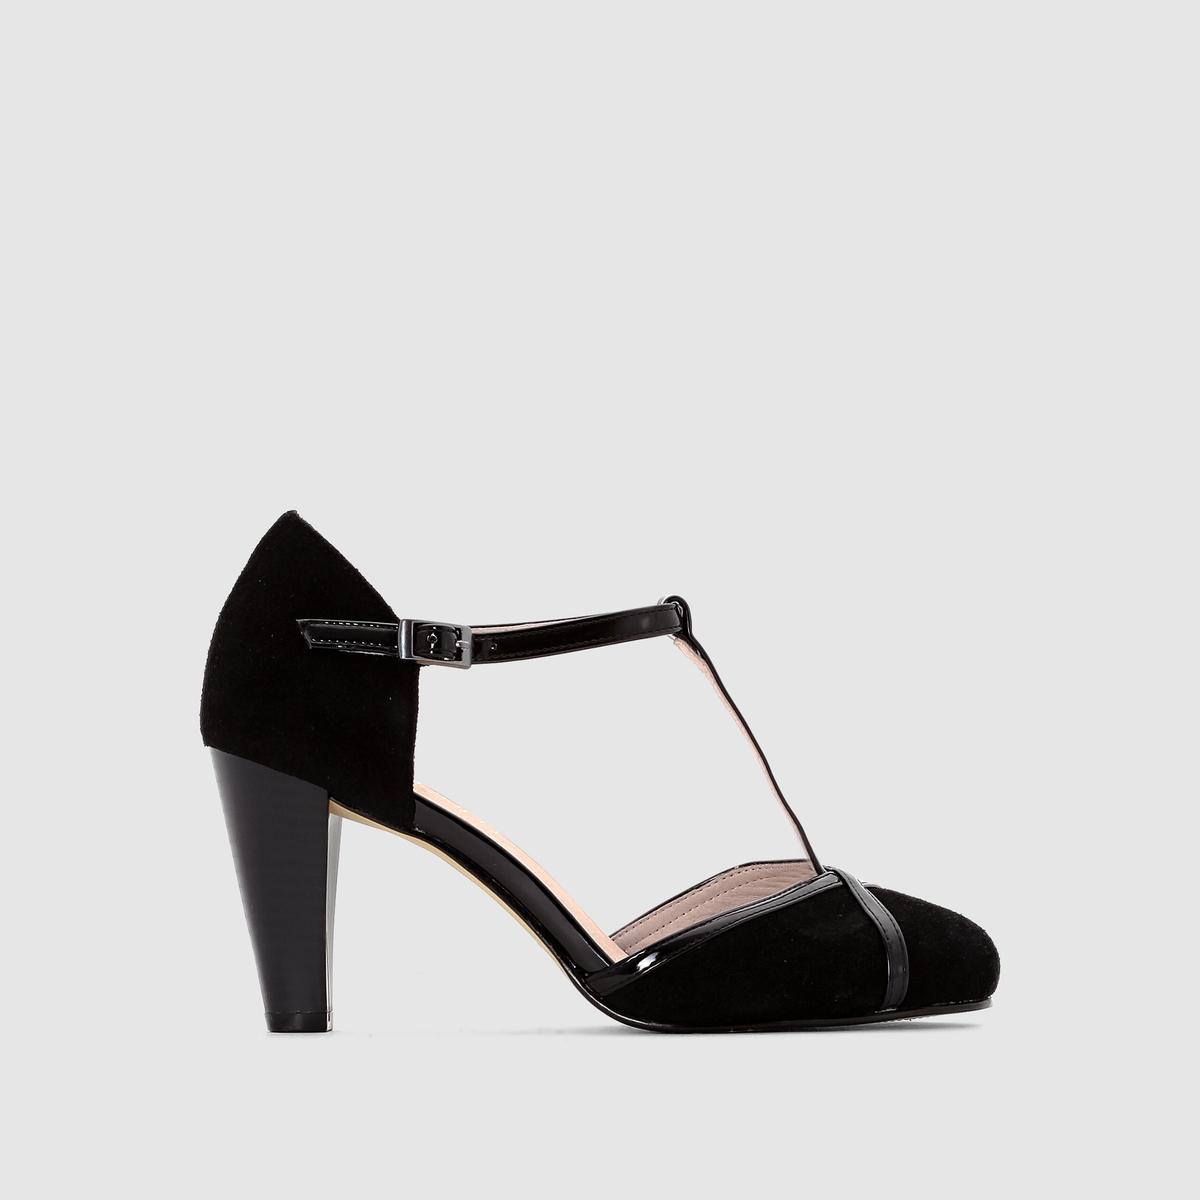 Туфли кожаныеДетали  •  Широкий каблук •  Высота каблука : 5 см •  Застежка : ремешок/пряжка •  Заостренный мысок •  Велюровая отделка, нубукСостав и уход  •  Верх 100% спилок •  Подкладка 100% кожа<br><br>Цвет: серо-коричневый,черный/серый<br>Размер: 41.36